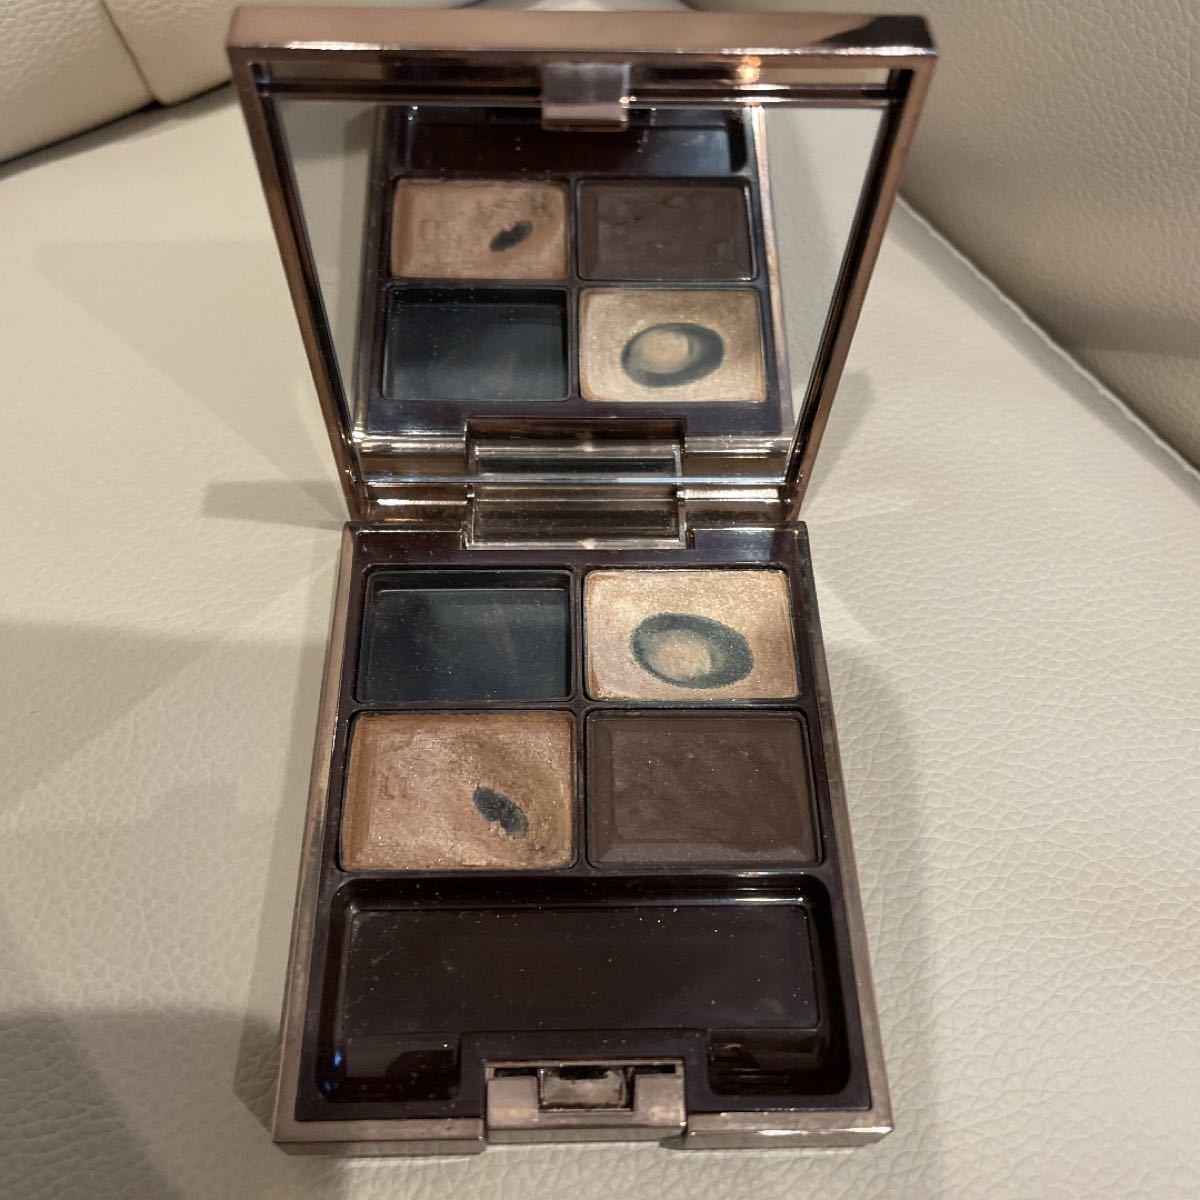 ルナソル セレクション・ドゥ・ショコラアイズ 02 Chocolat Amer